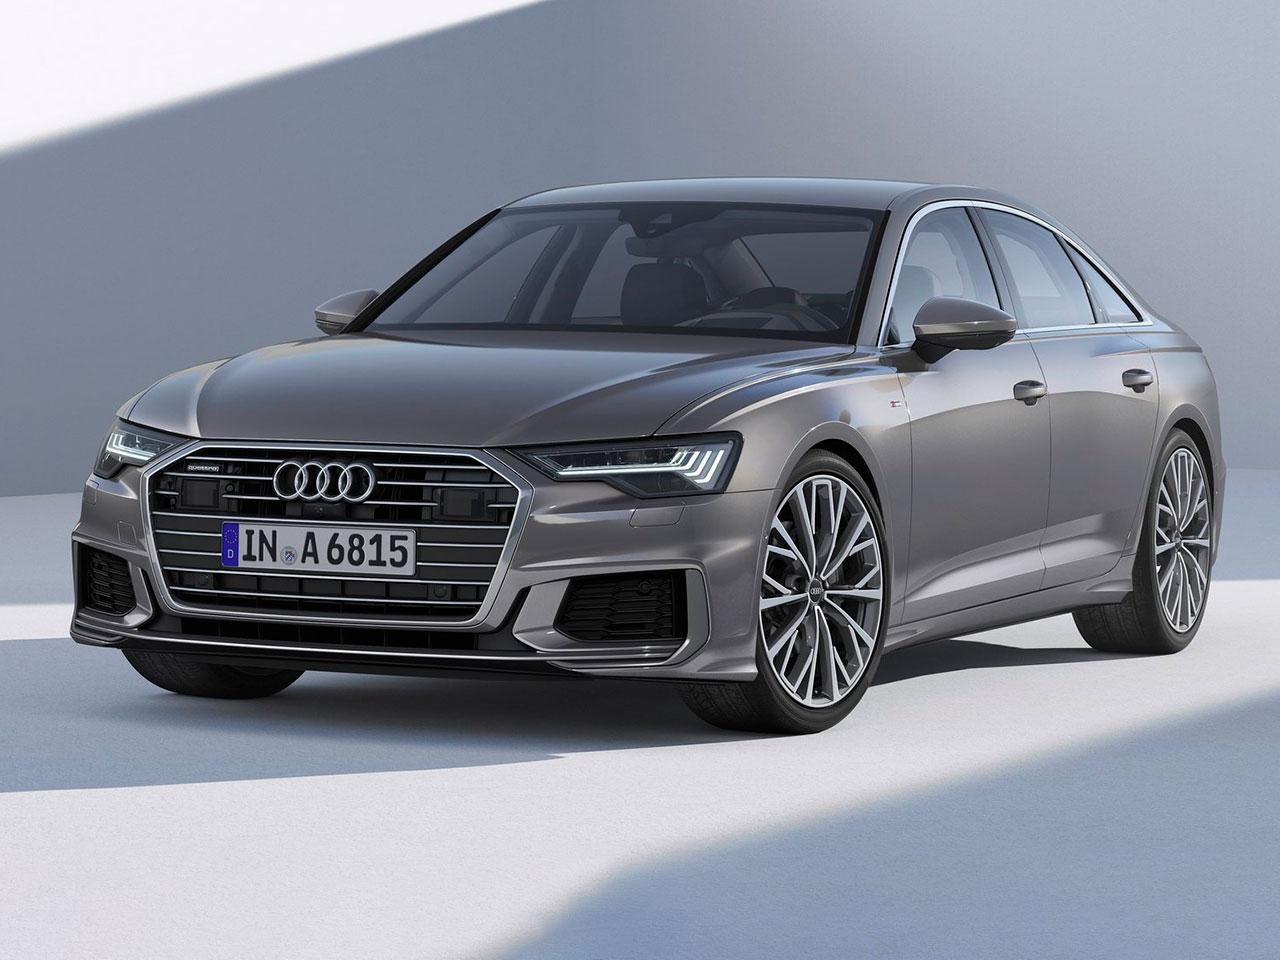 Audi A6 nuevos: Valoración, versiones y ofertas. | TopGear.es